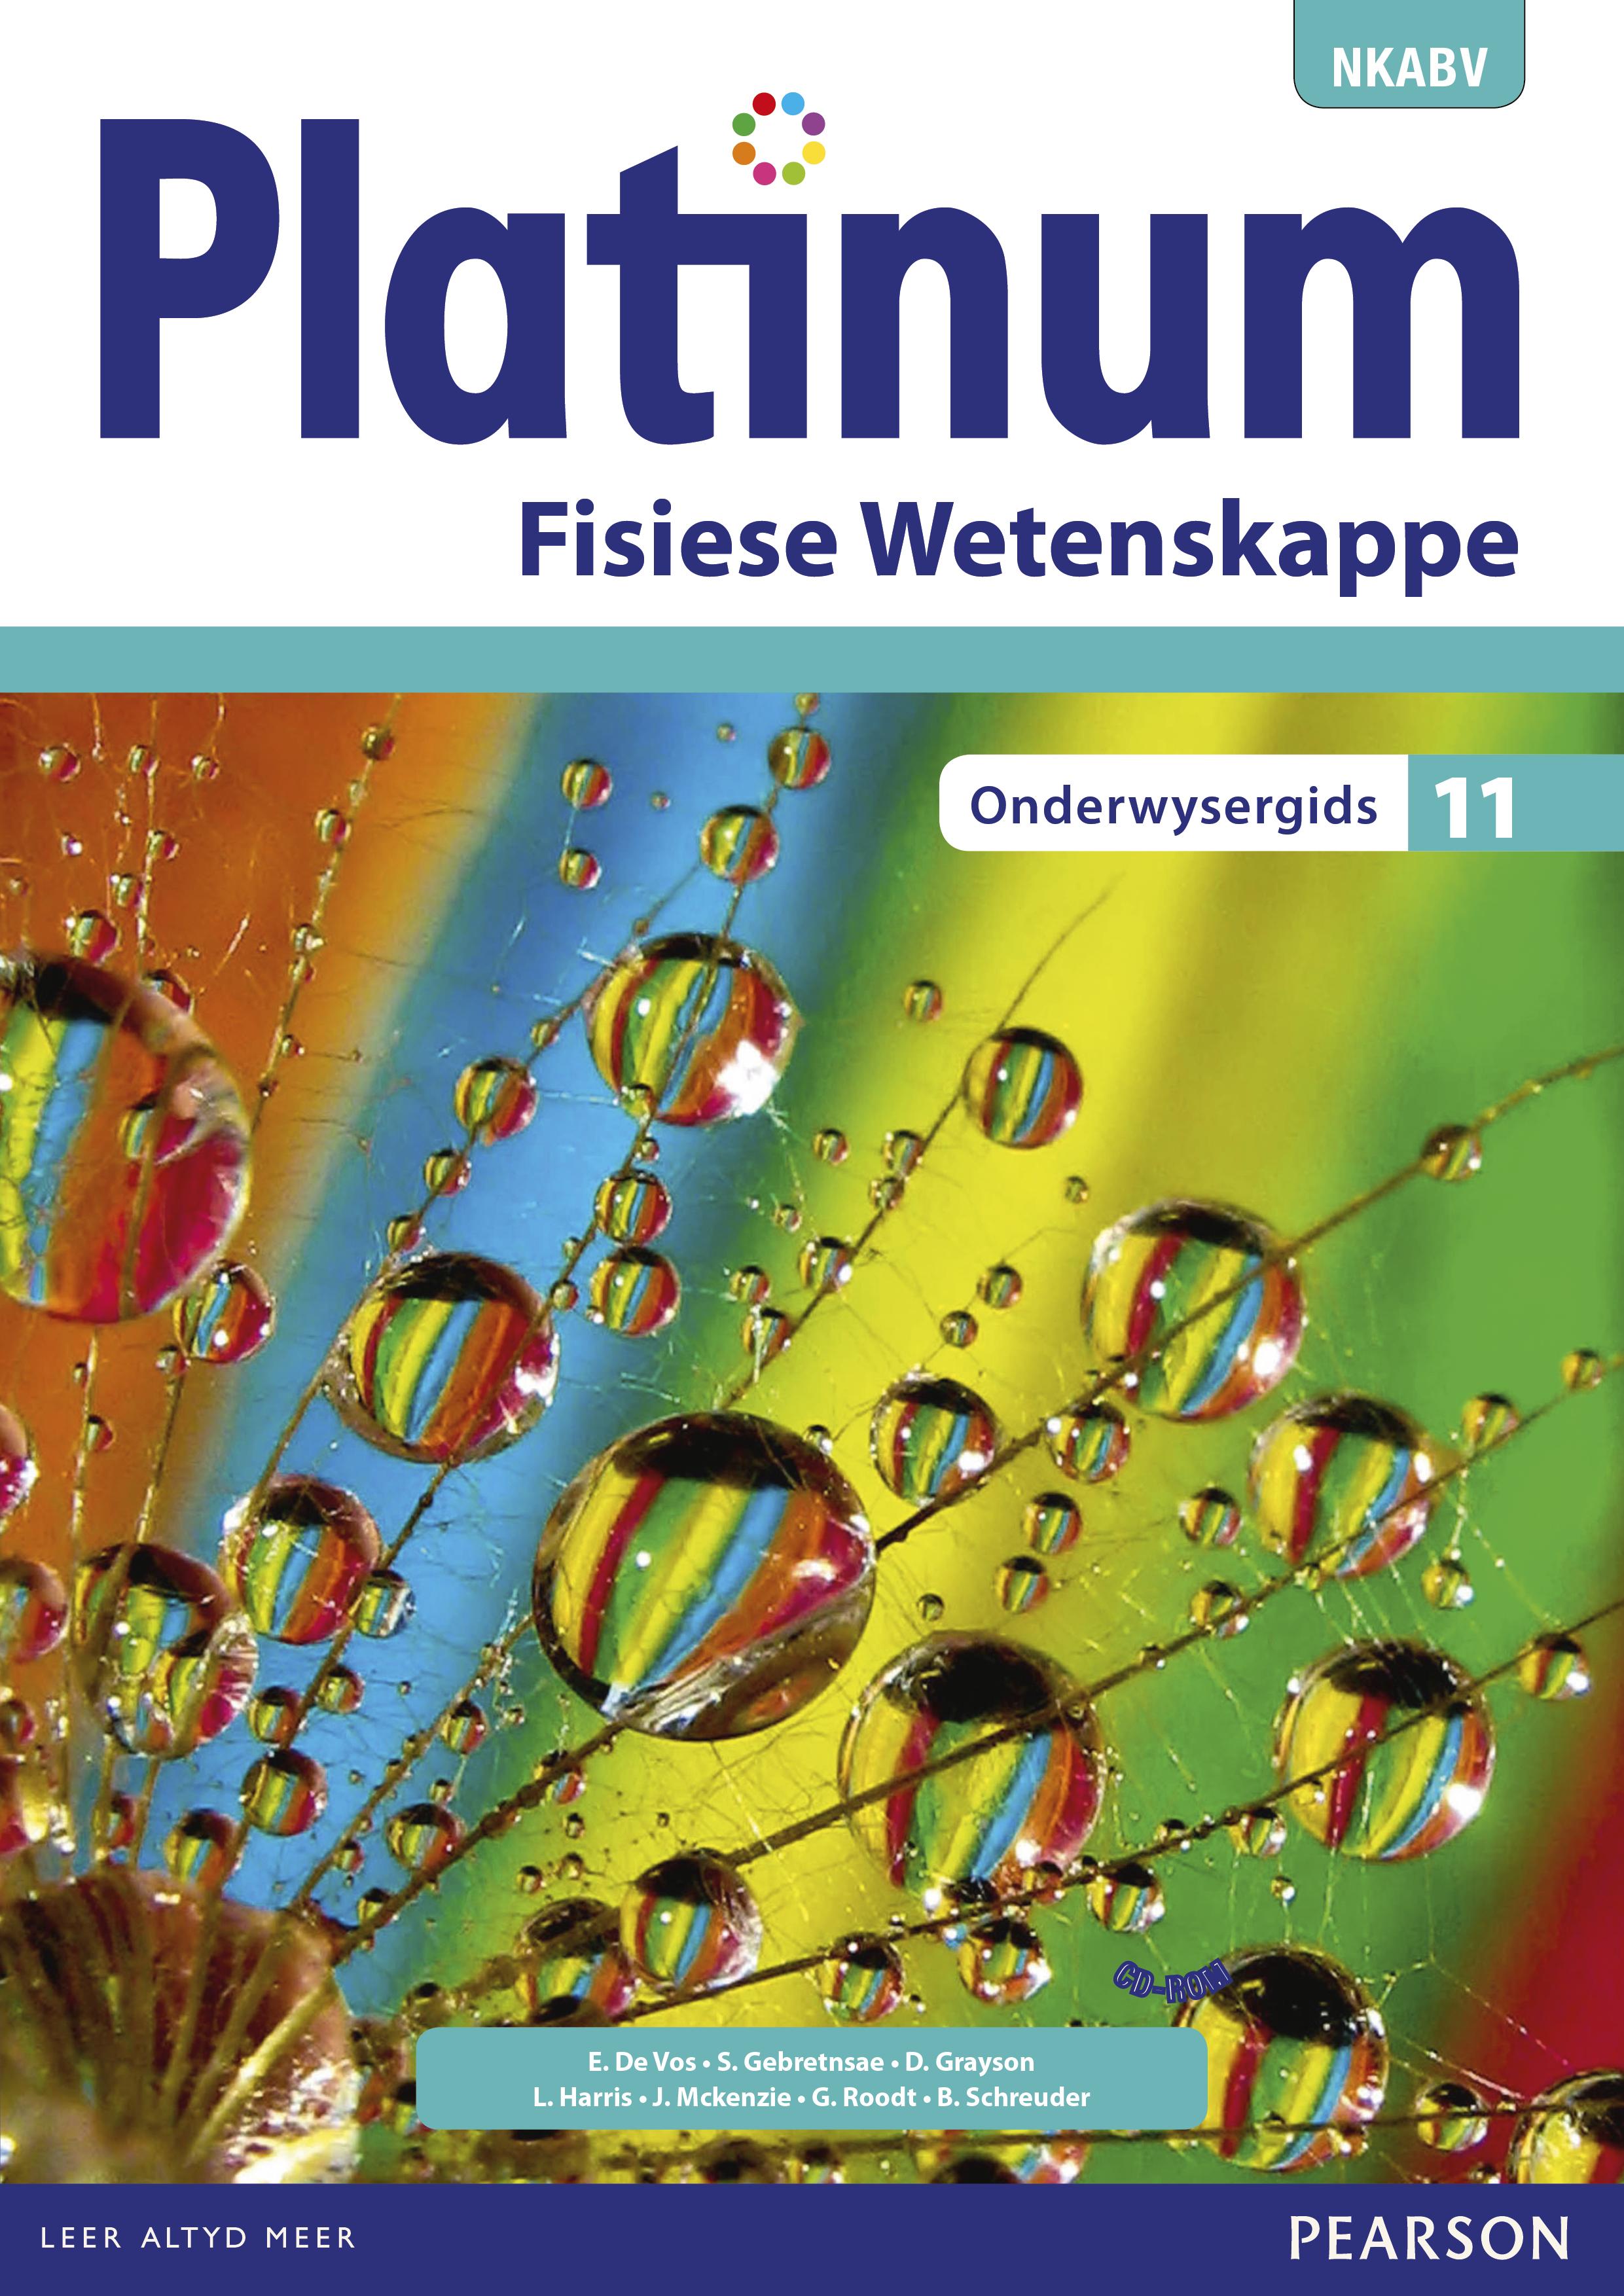 Picture of Platinum Fisiese Wetenskappe NKABV: Platinum fisiese wetenskappe NKABV: Gr 11: Onderwysersgids Gr 11: Onderwysersgids